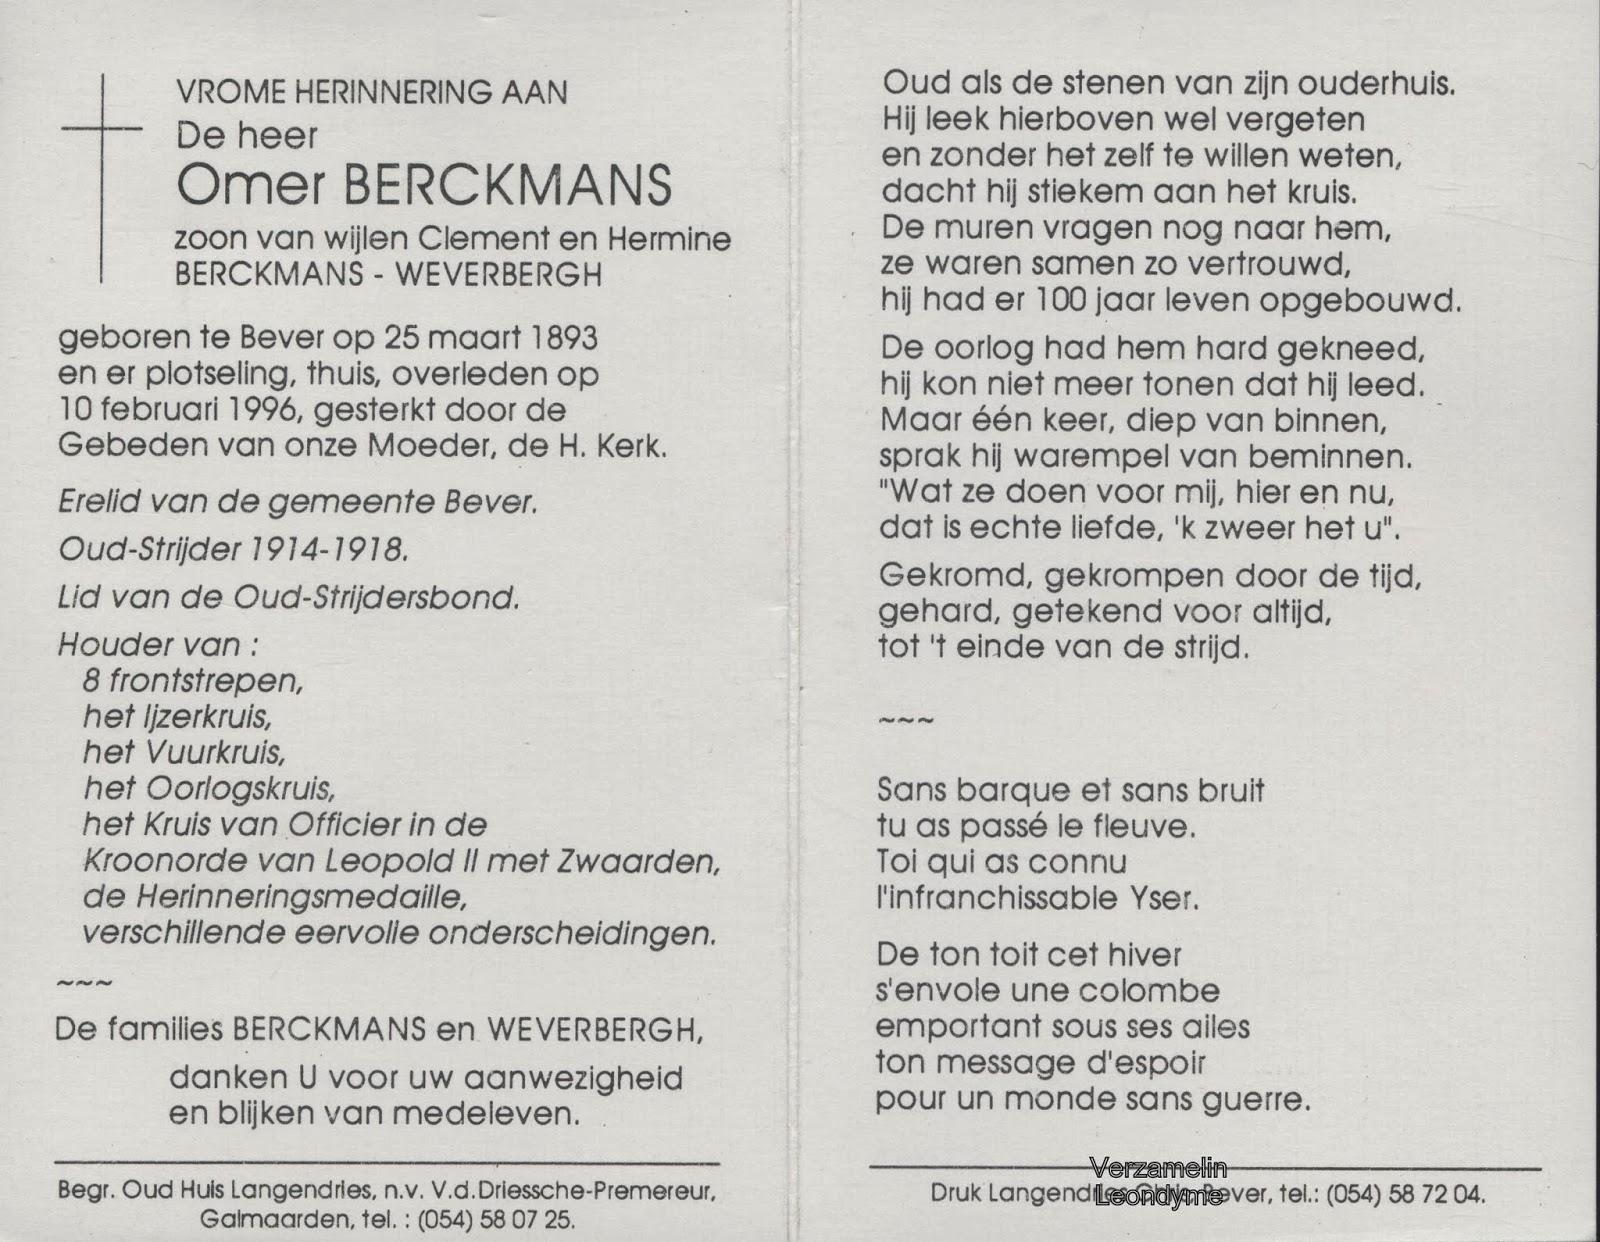 Bidprentje, Omer Berckmans 1893-1996. Verzameling Leondyme